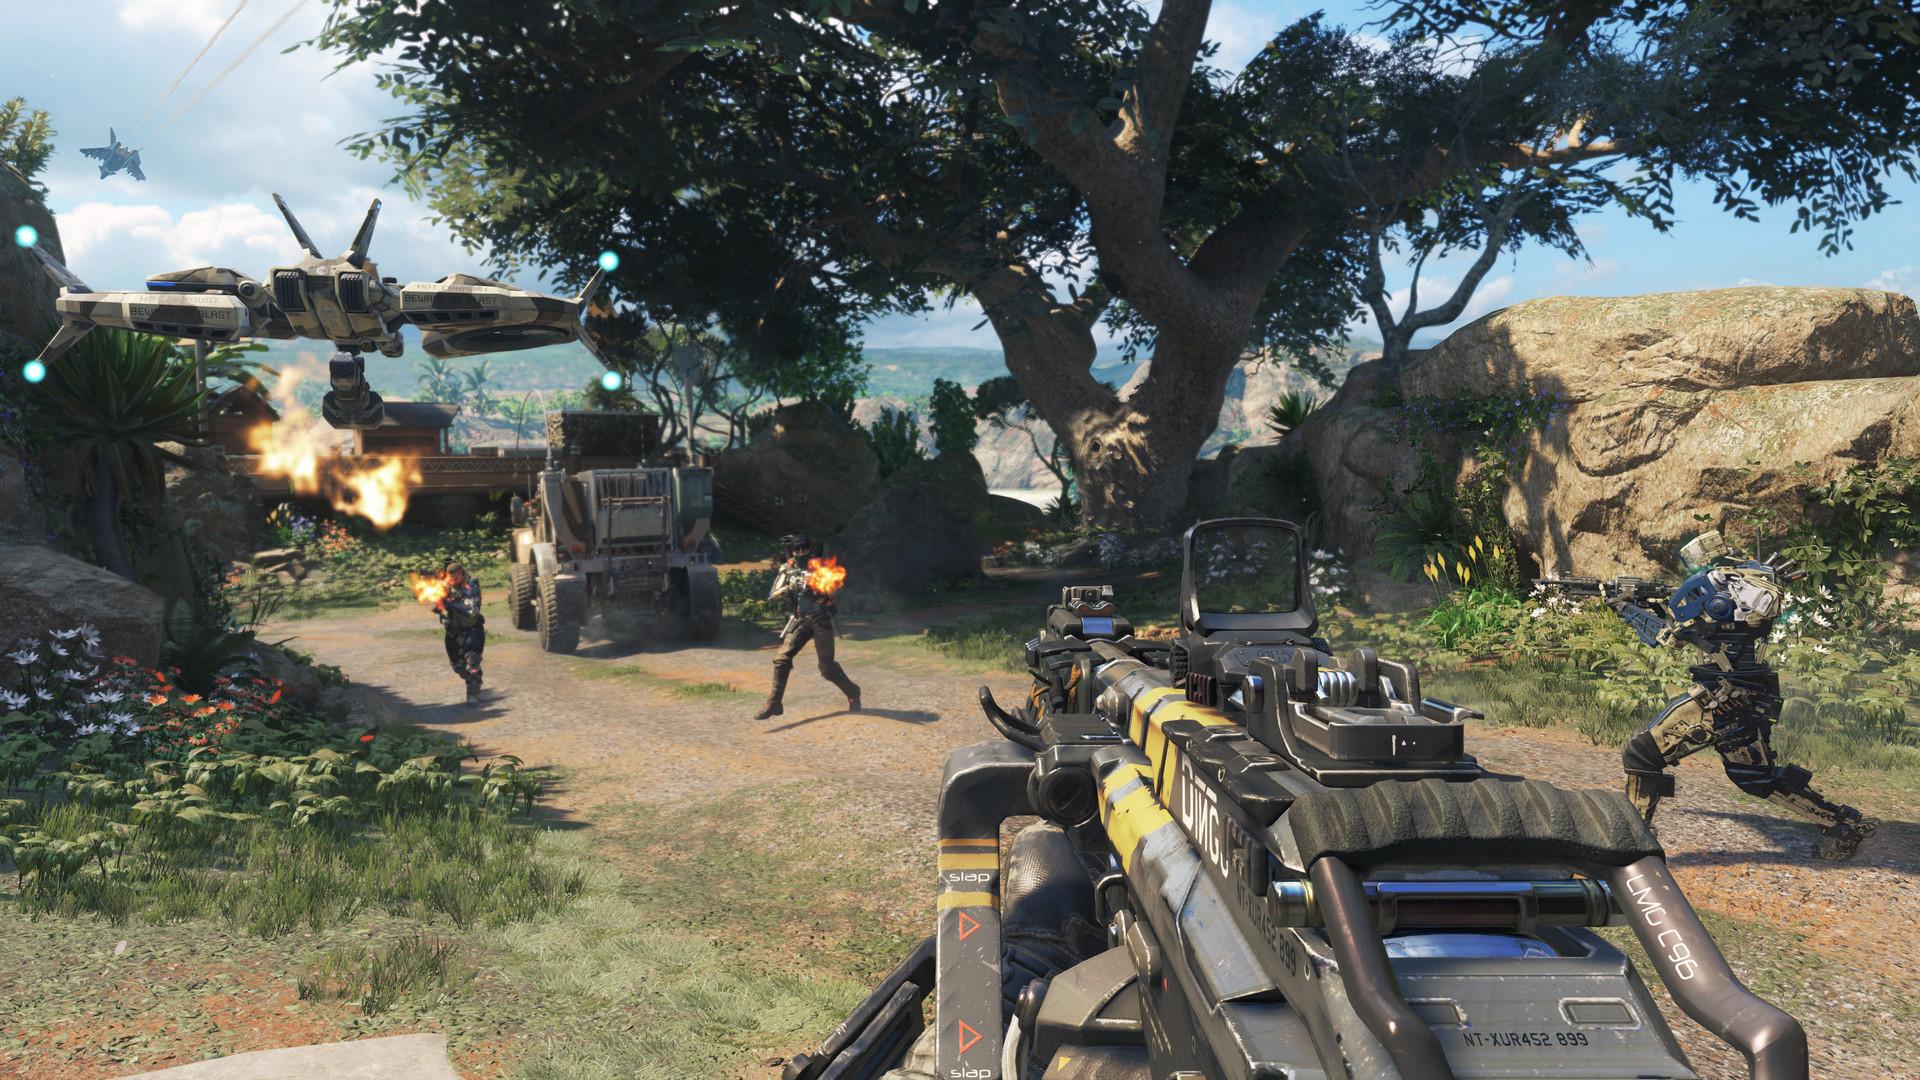 Call Of Duty Black Ops III ESPAÑOL PC Full + Update 2 (RELOADED) + REPACK 11 DVD5 (JPW) 12